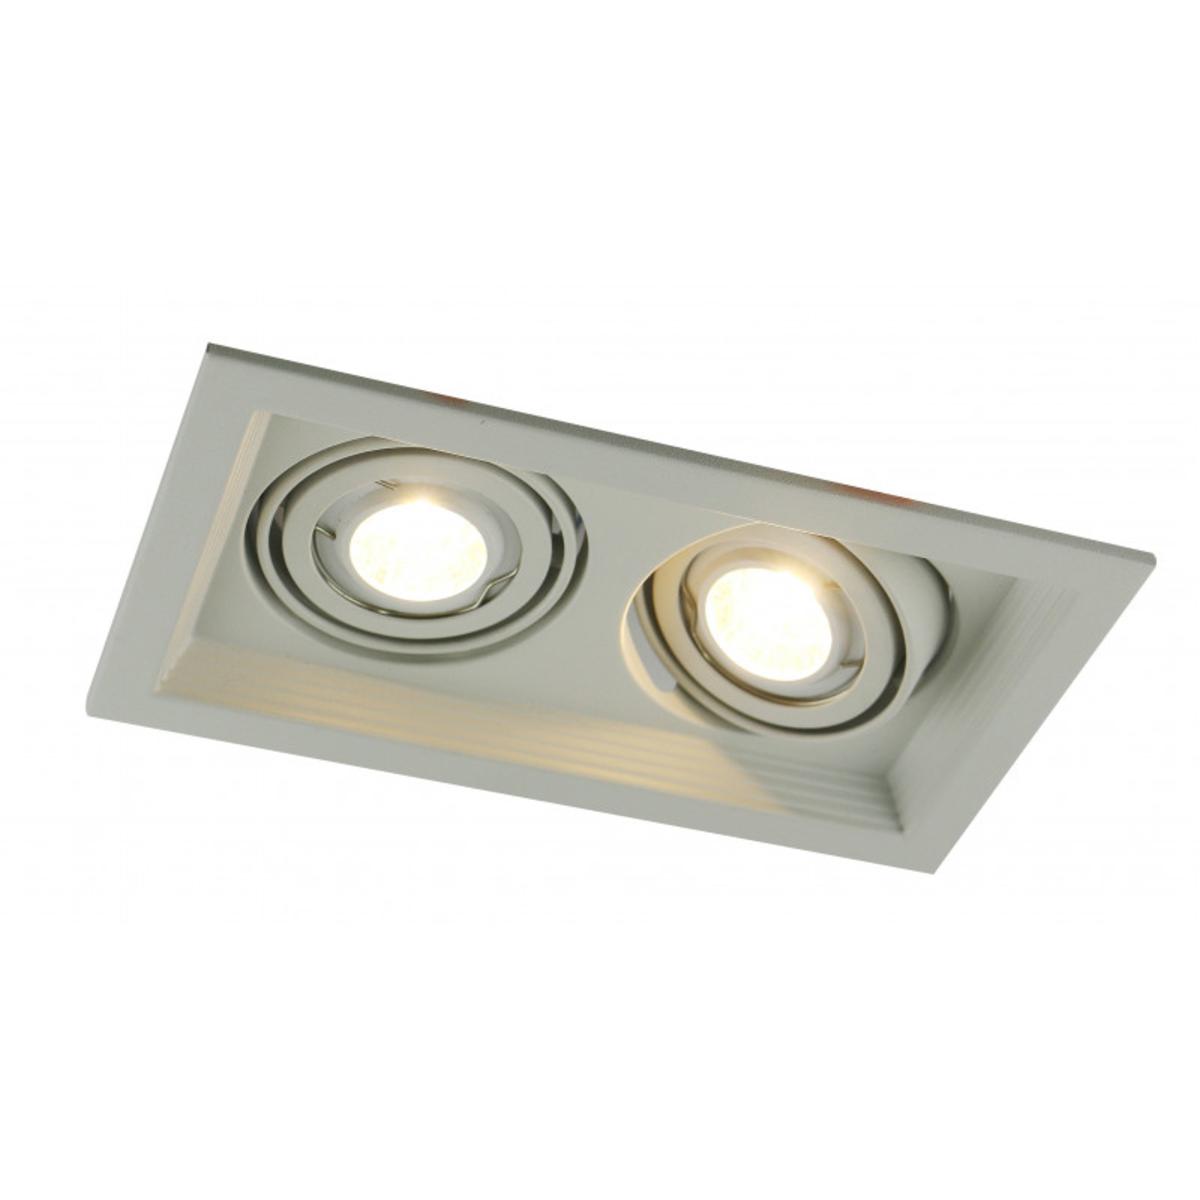 Купить Встраиваемый светильник CANIS Встраиваемый светильник ARTE Lamp A6661PL-2WH (14181), HomeMe